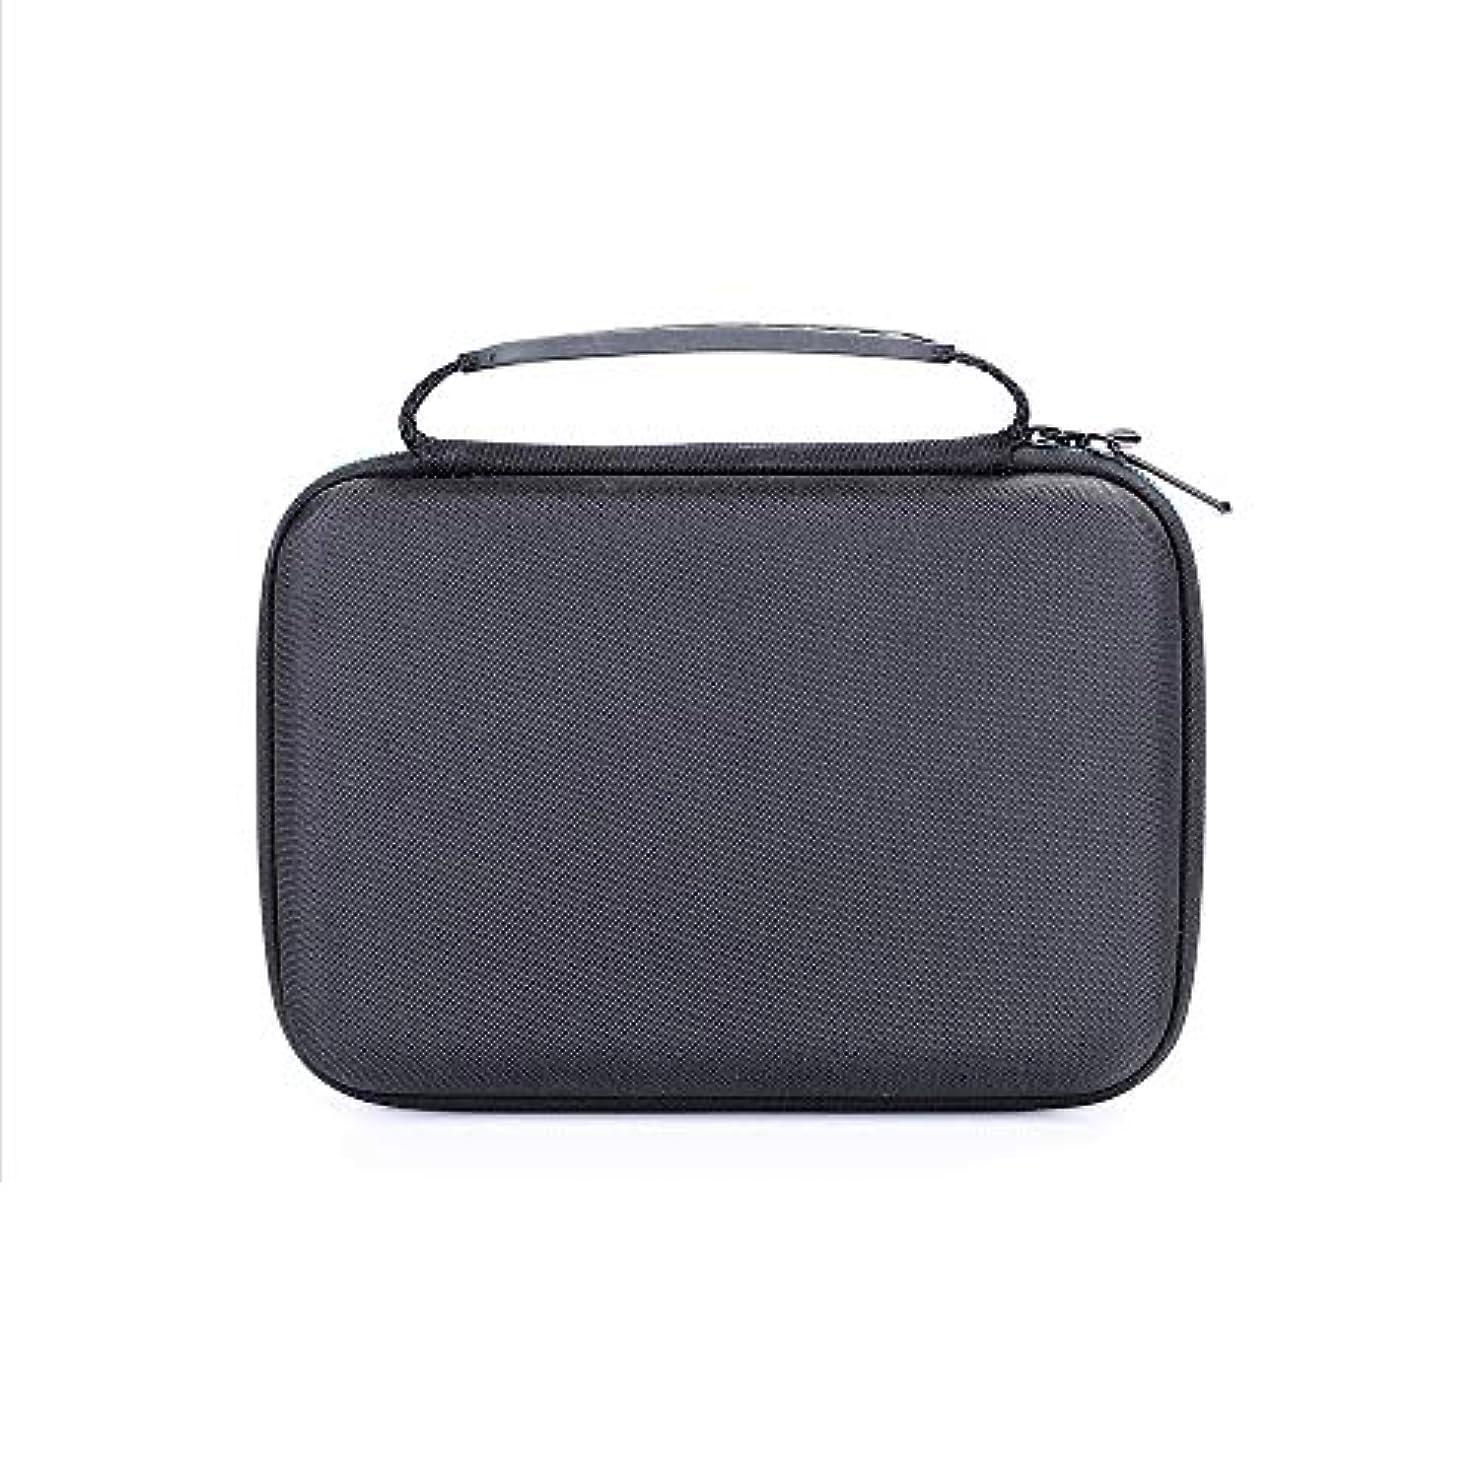 移民指紋感性Moligh doll ポータブルの旅行用Evaハード携帯用ケース、保護ボックス、バッグ、 Norelco Multi Groom シリーズ 3000 Mg3750用